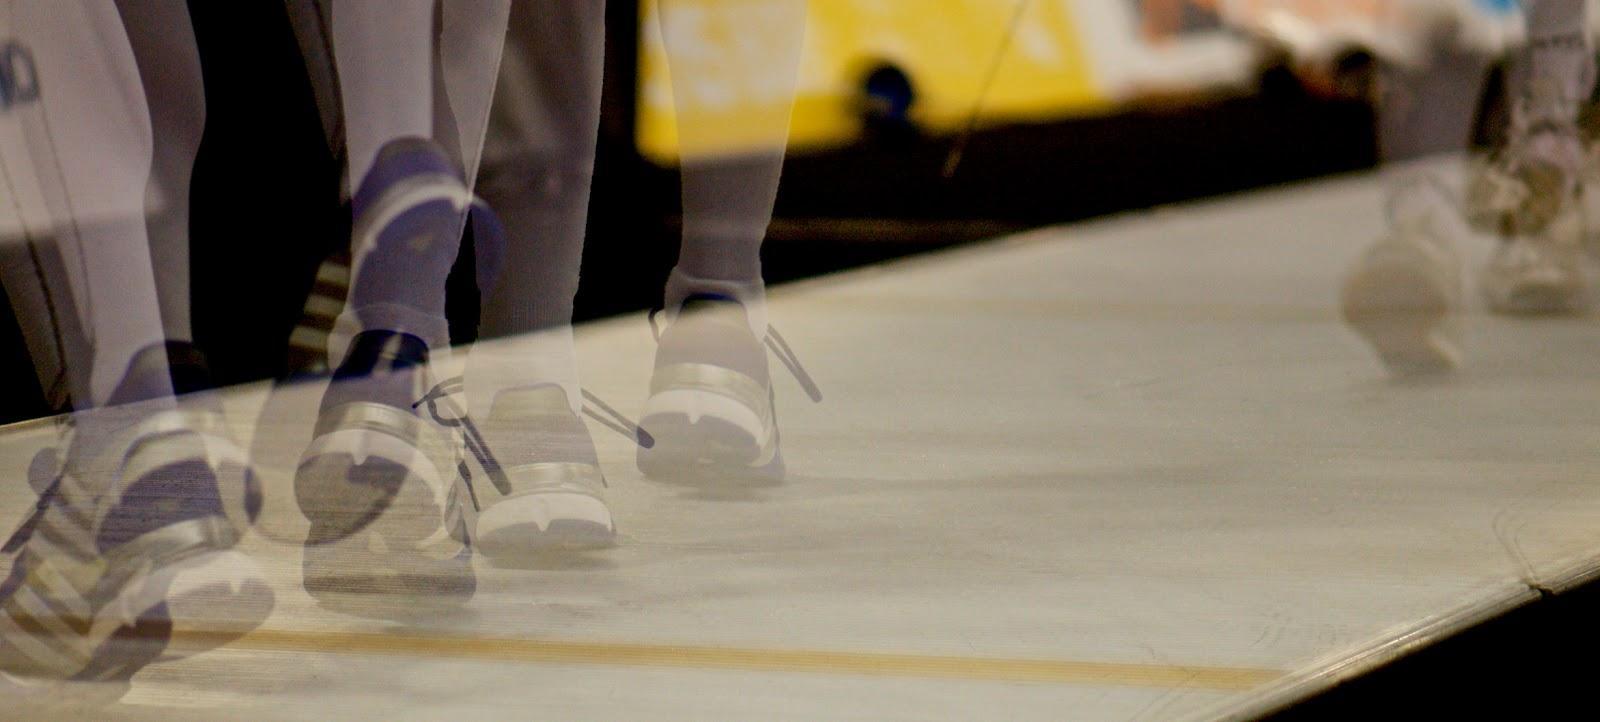 Fencing Shoe Adidas D Artagnan V Ratings